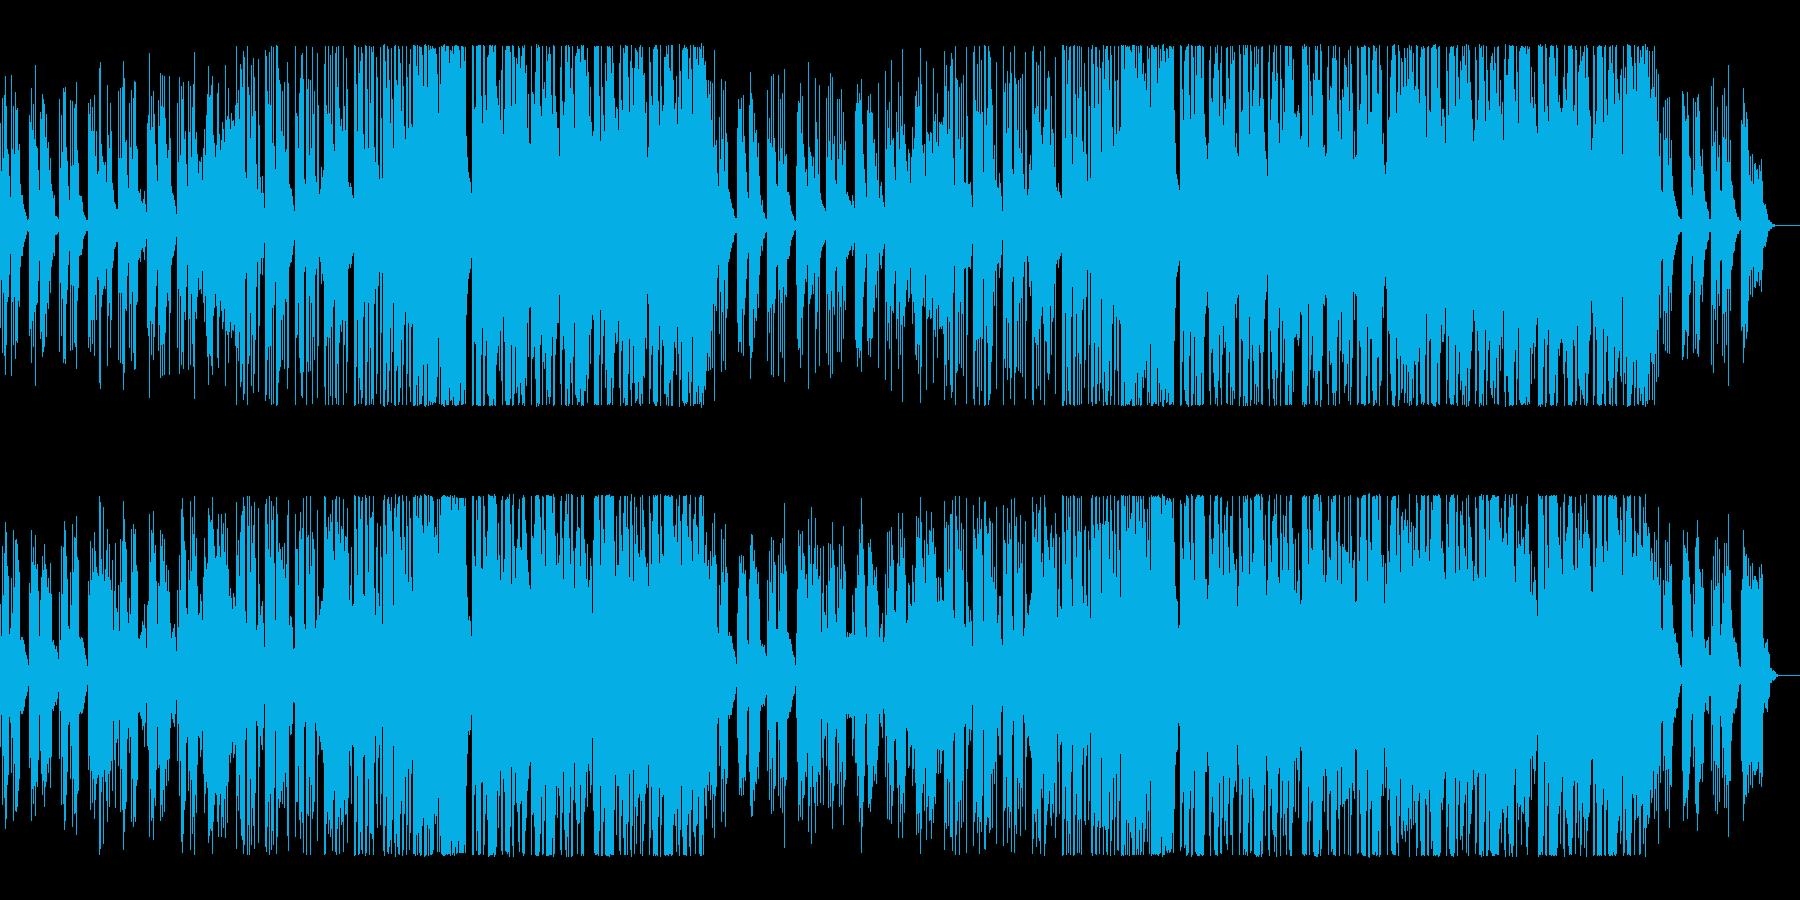 大人気クールなフューチャーベース!の再生済みの波形